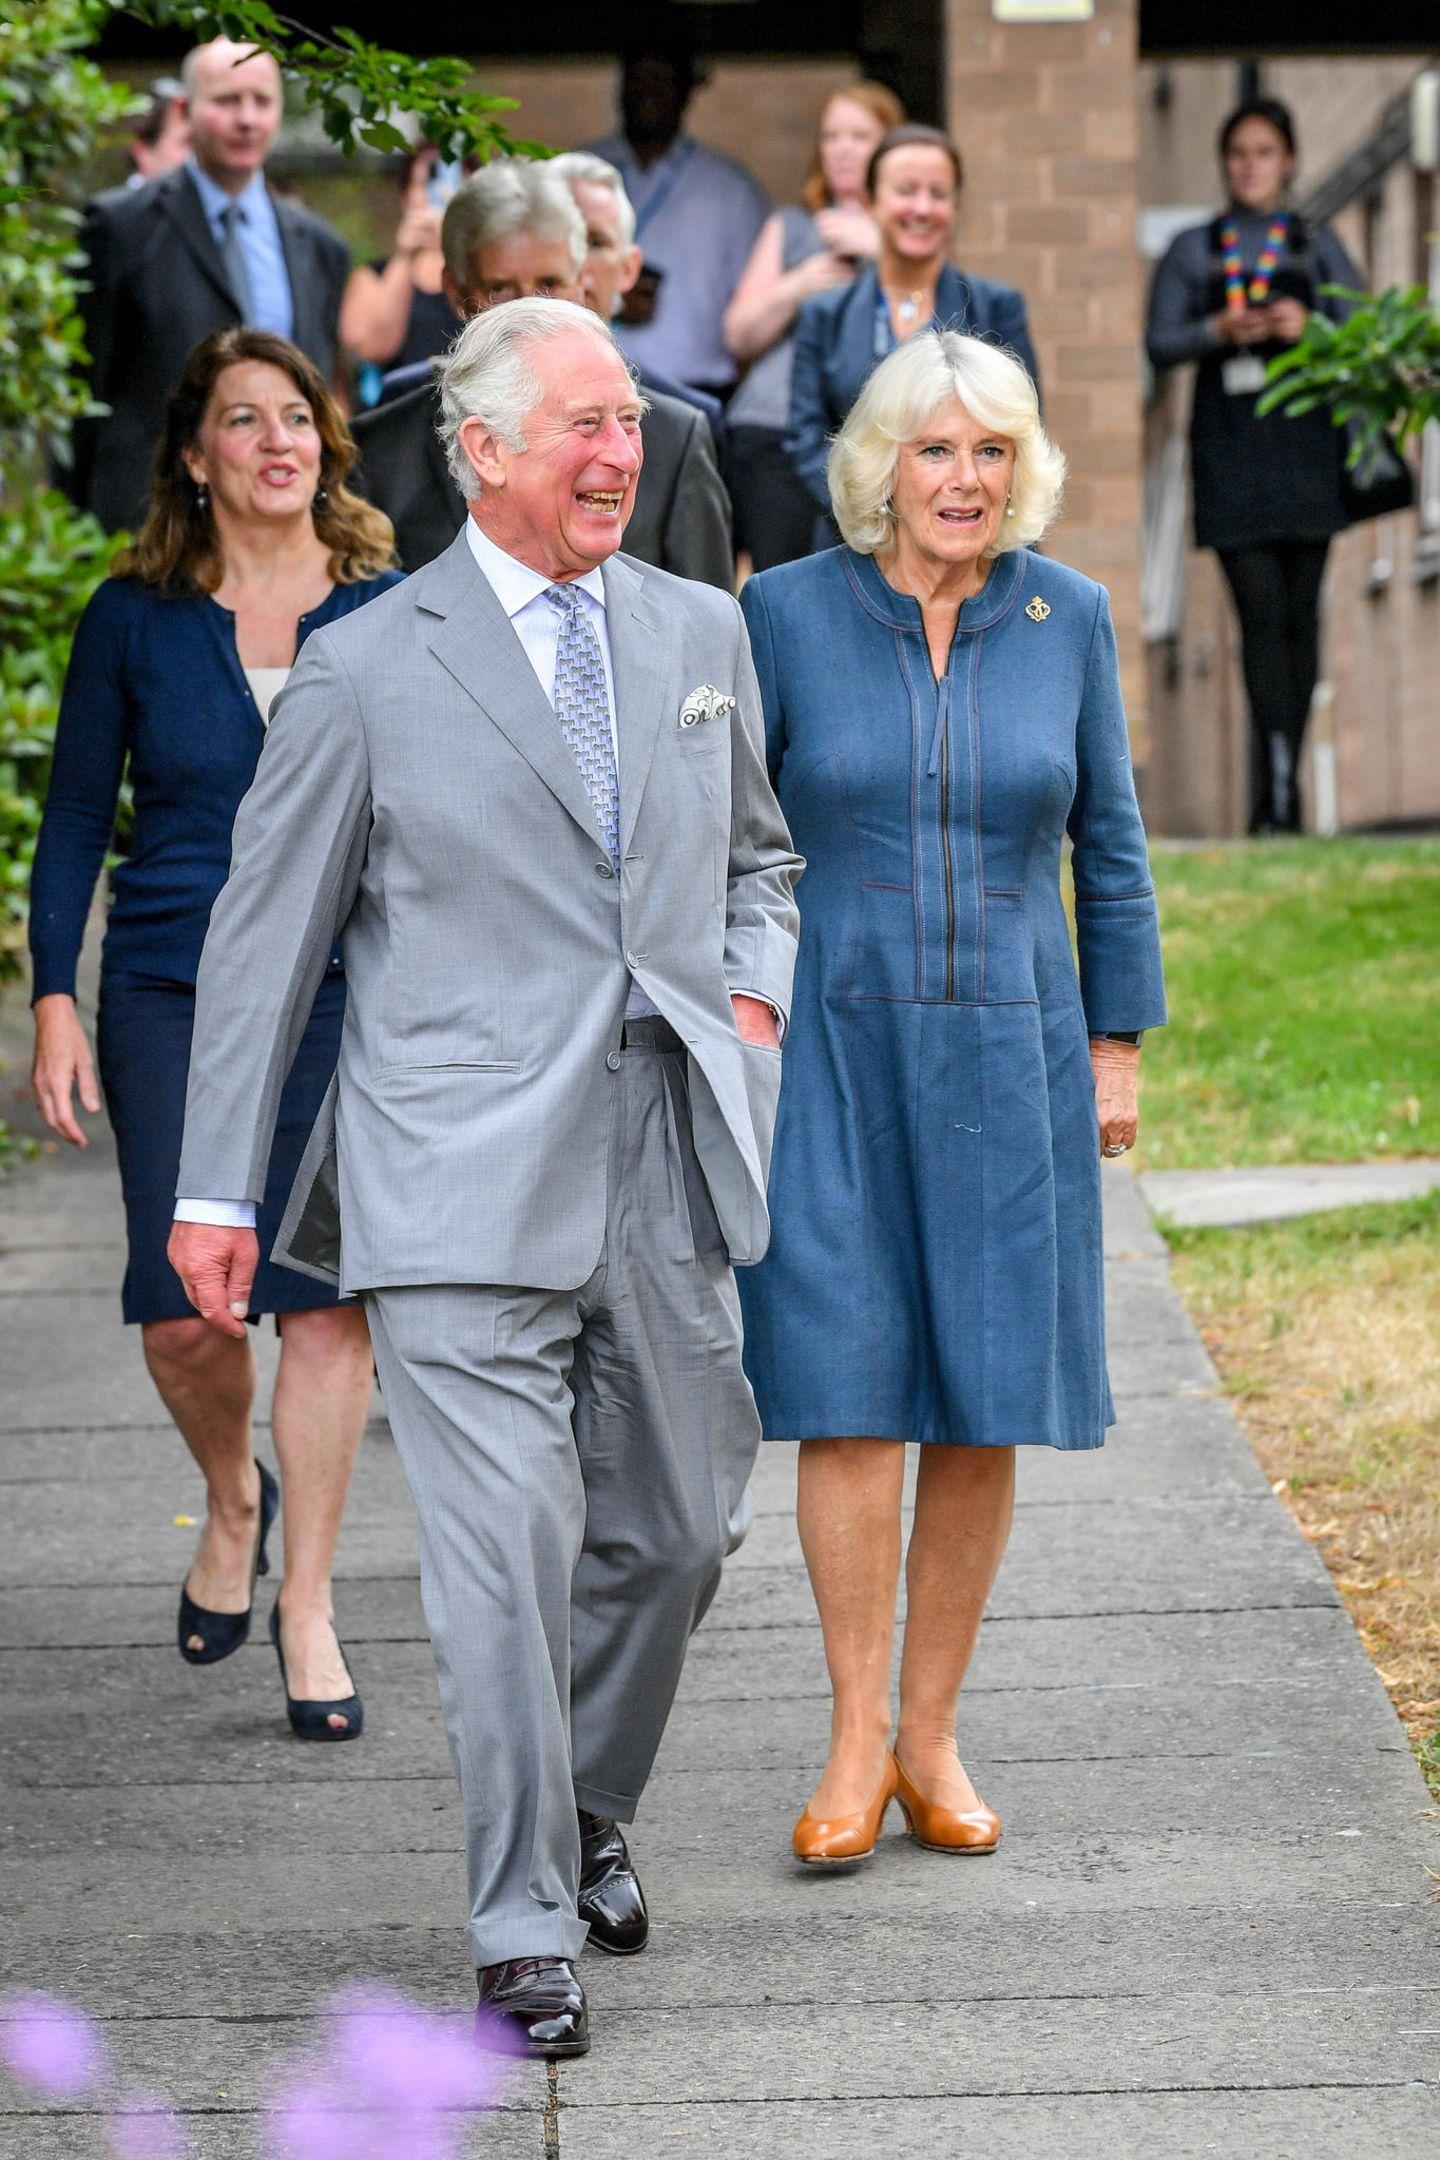 16. Juni 2020  Zum ersten Mal seit dem Lockdown nehmen Mitglieder des britischen Königshauses wieder einen öffentlichen Termin war. Prinz Charles und Camilla machen den Anfang und besuchen spontan das Royal Hospital in Gloucester.